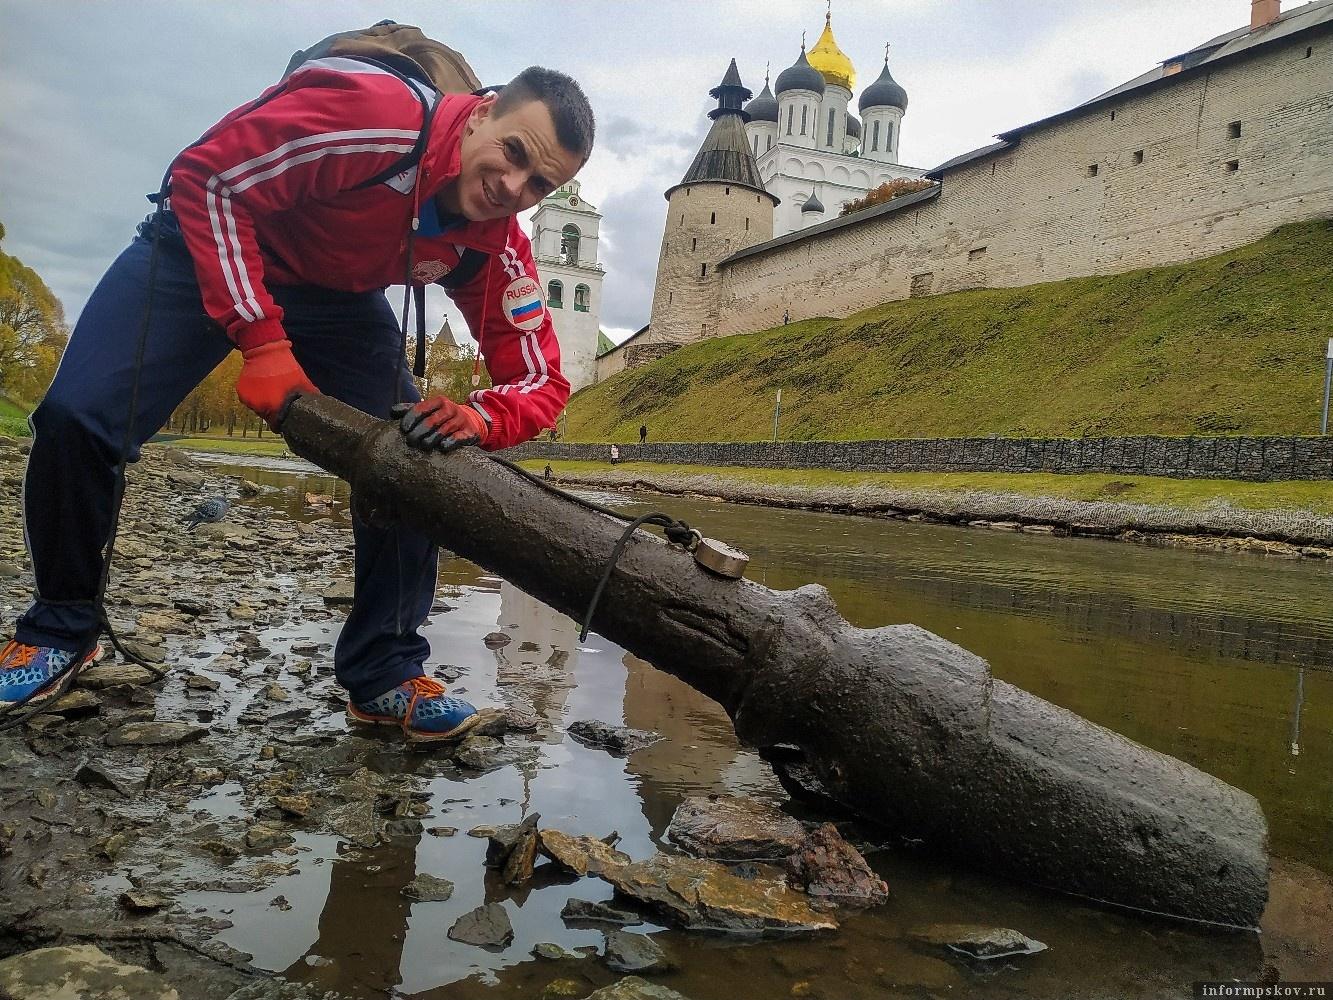 Марк Мордовцев с «уловом». Фото со страницы автора «ВКонтакте».